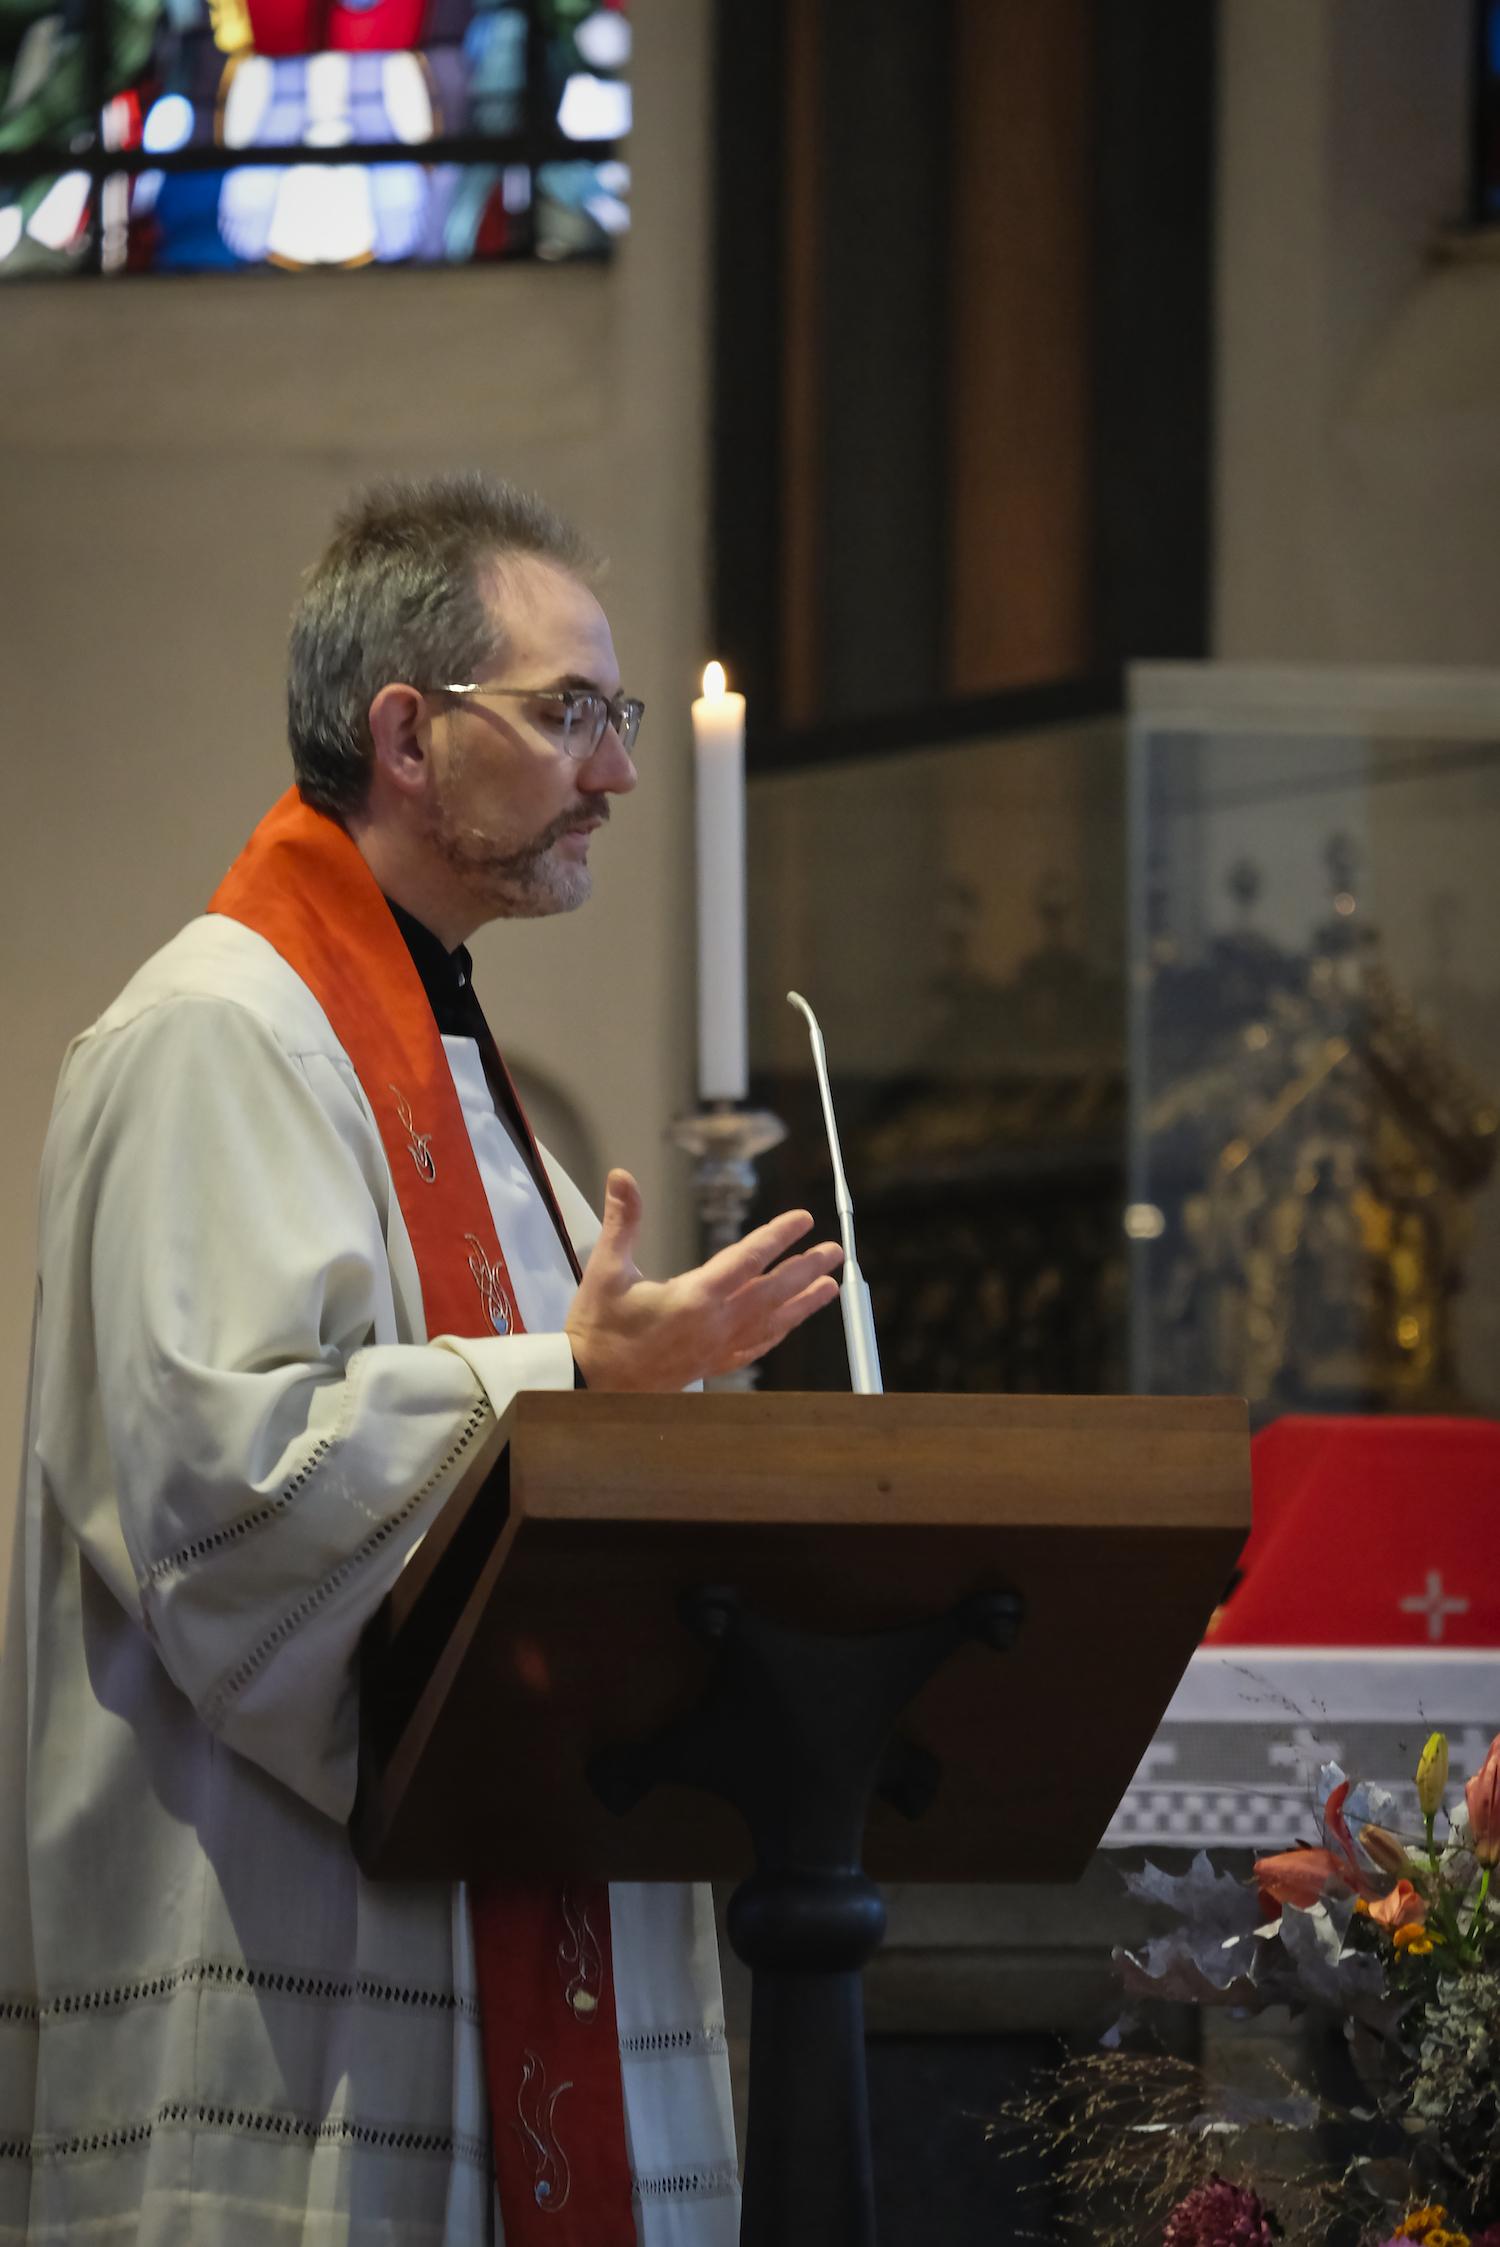 Pfarrer Thomas Müller